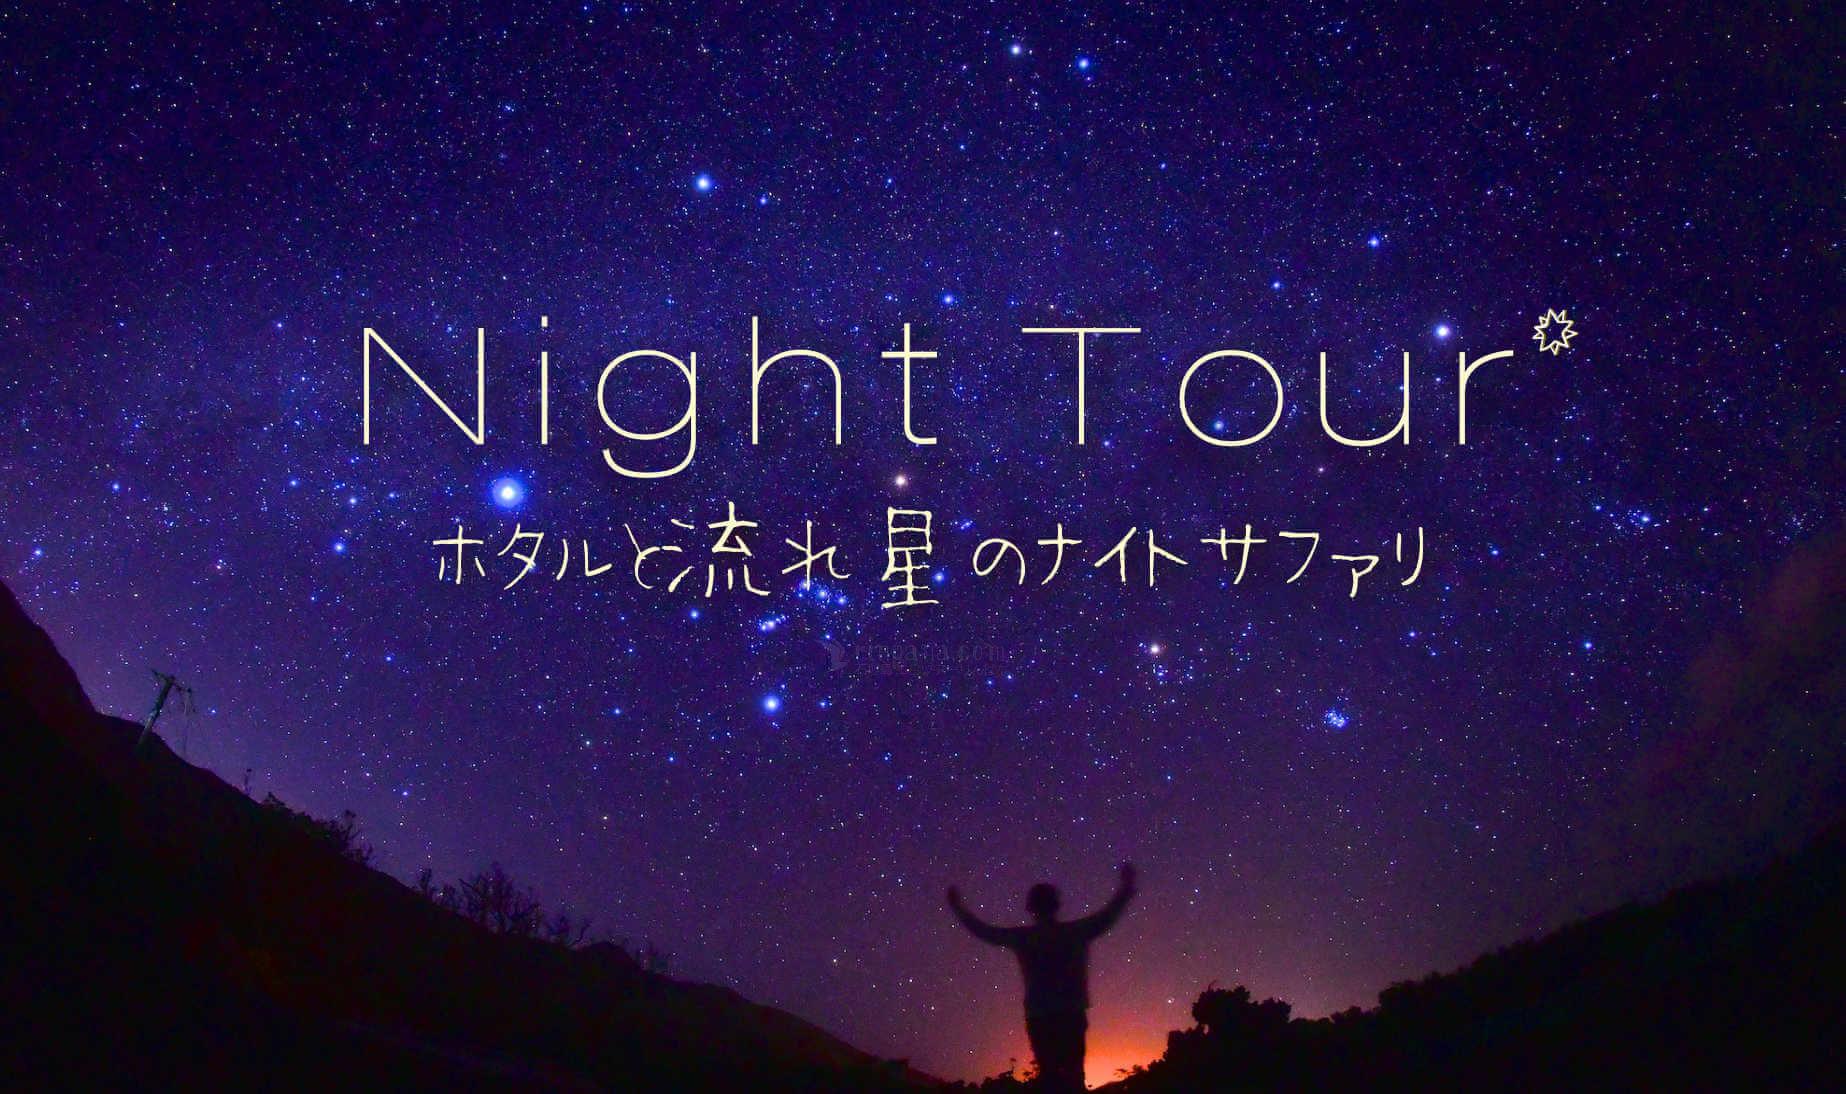 石垣島のナイトツアー[ホタル&星空ナイトサファリ]